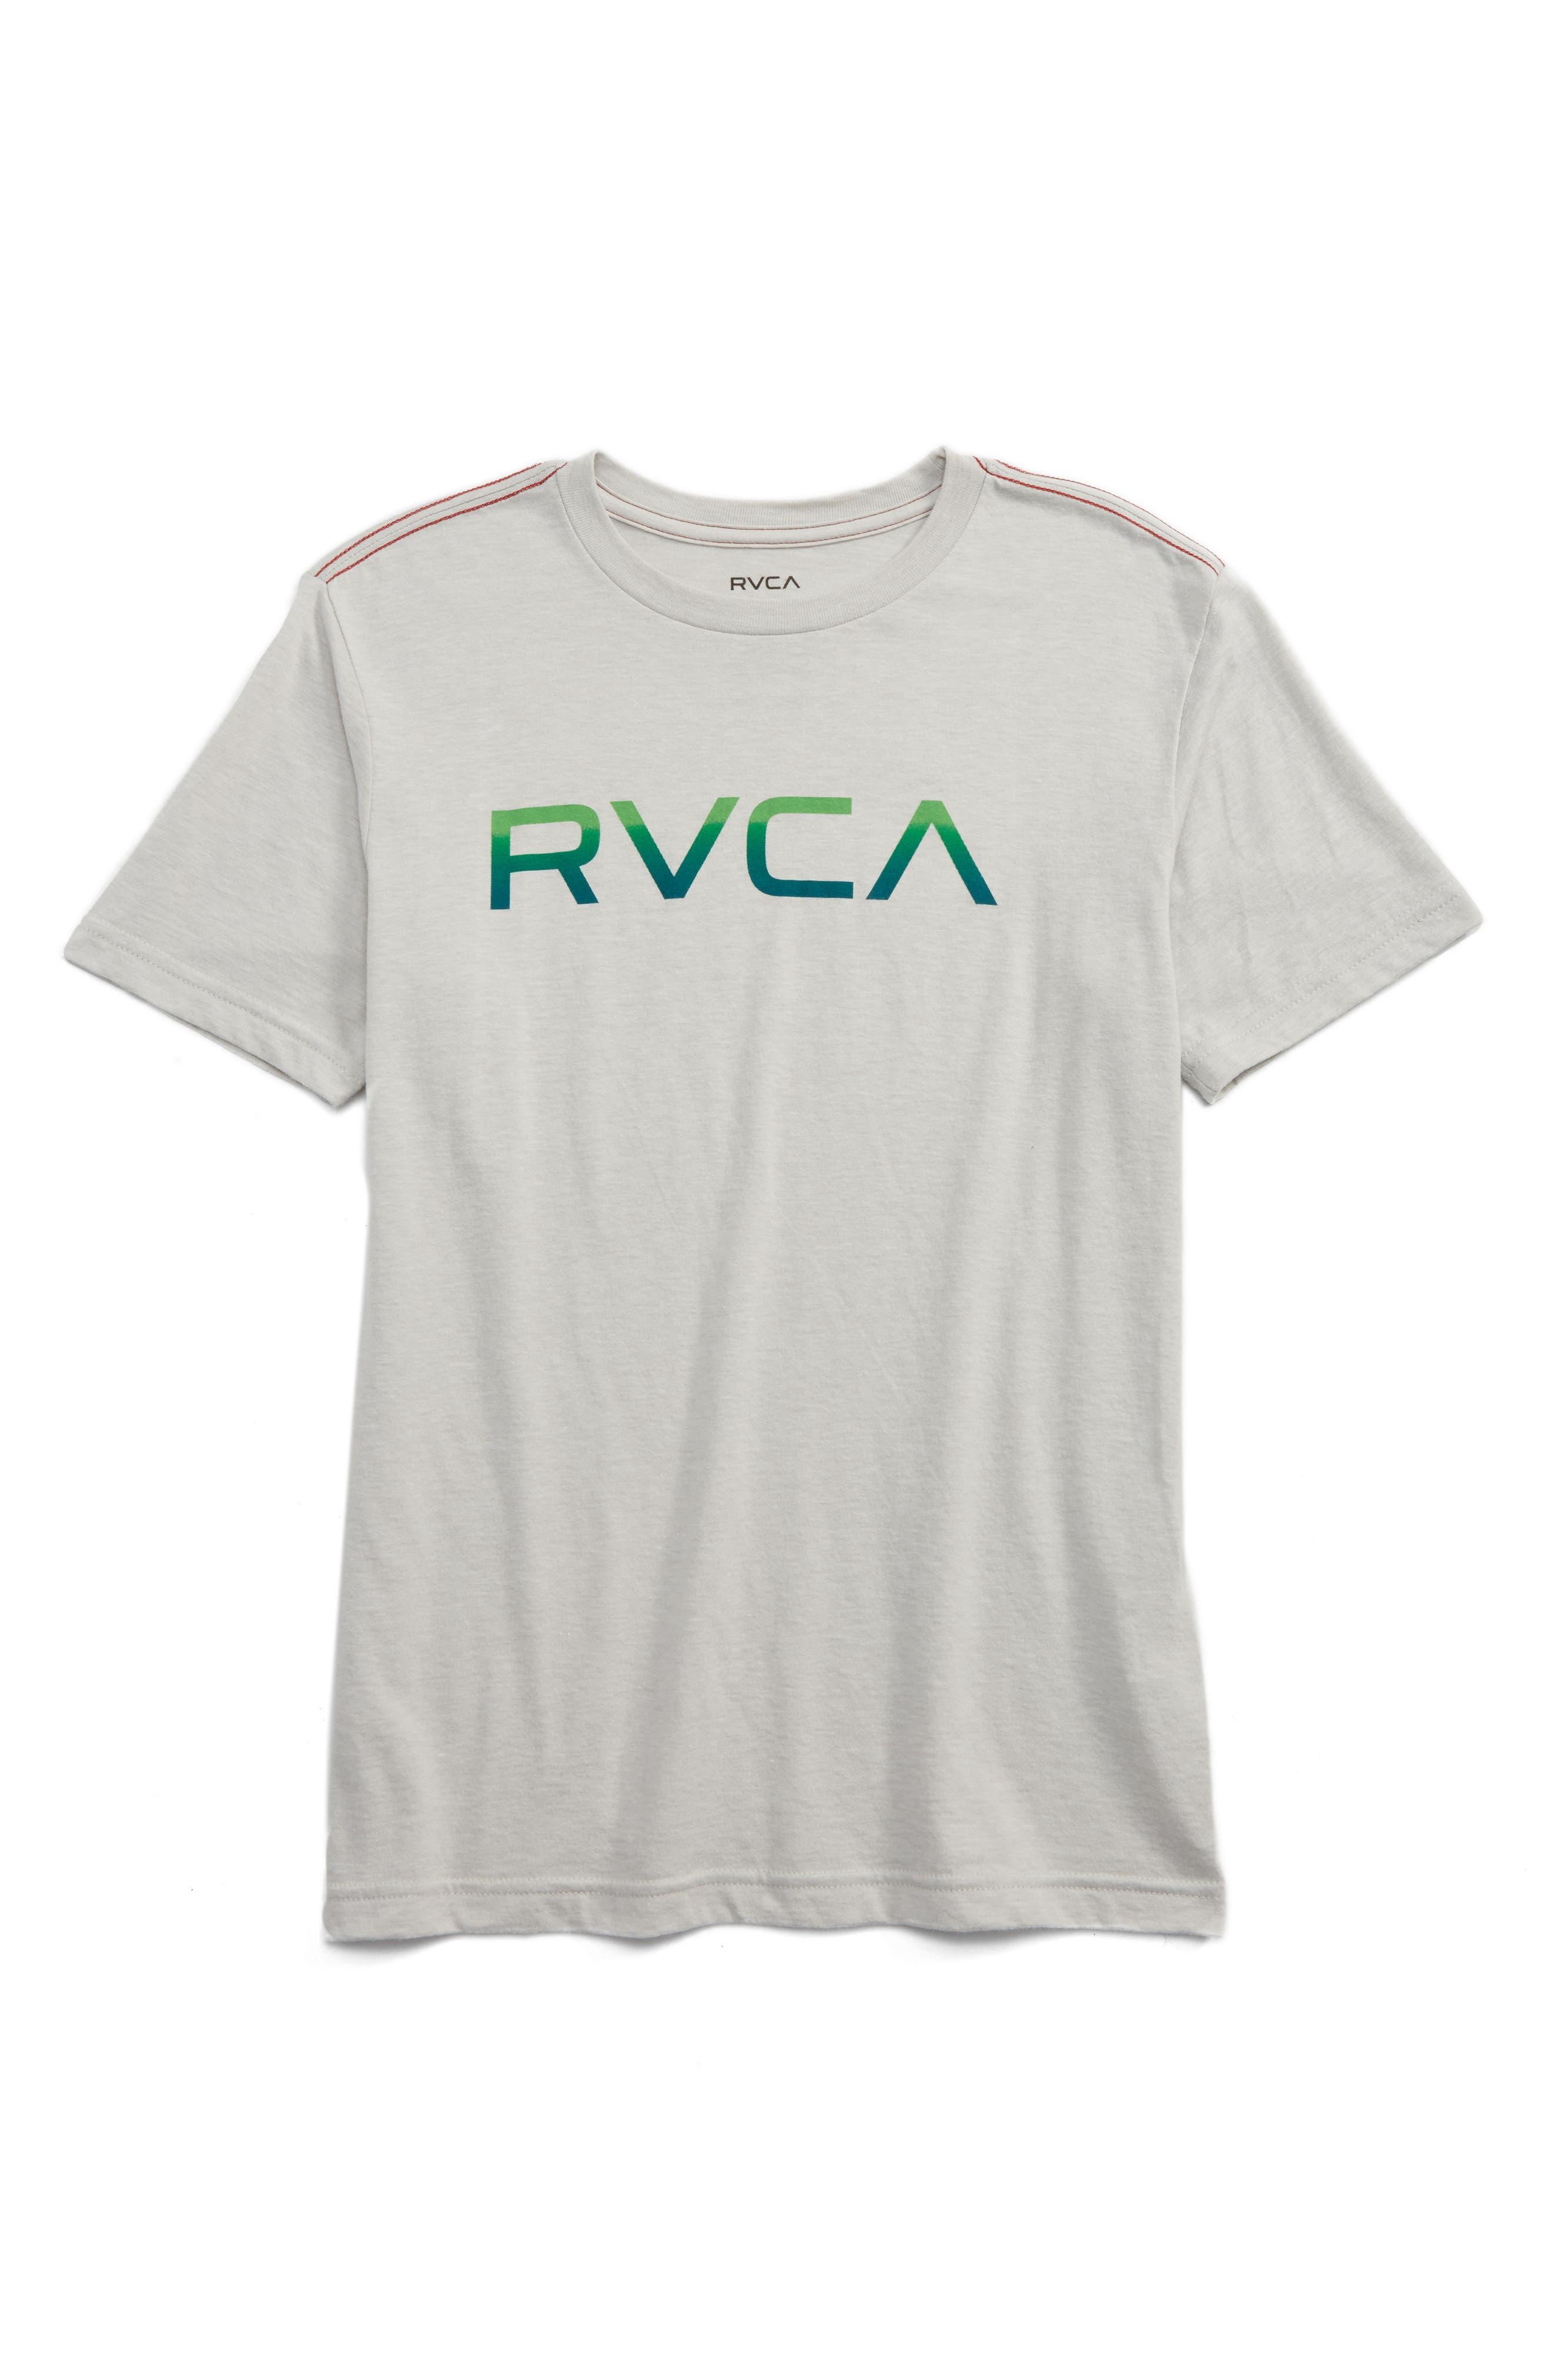 RVCA Big RVCA Gradient T-Shirt (Big Boys)